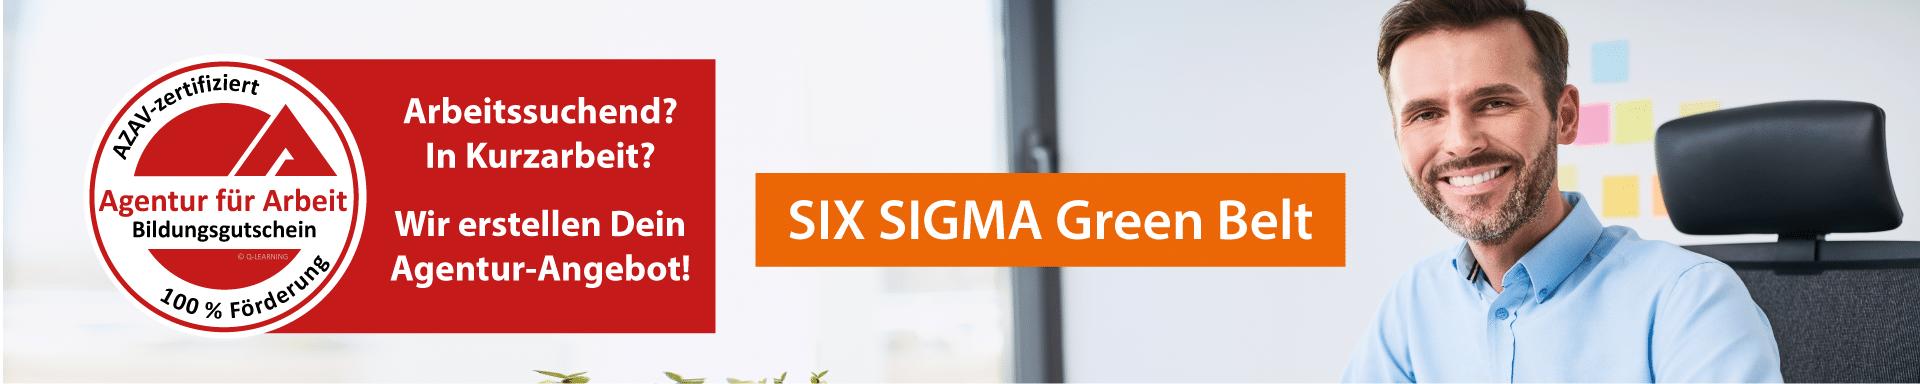 SIX SIGMA Green Belt AZAV Bildungsgutschein